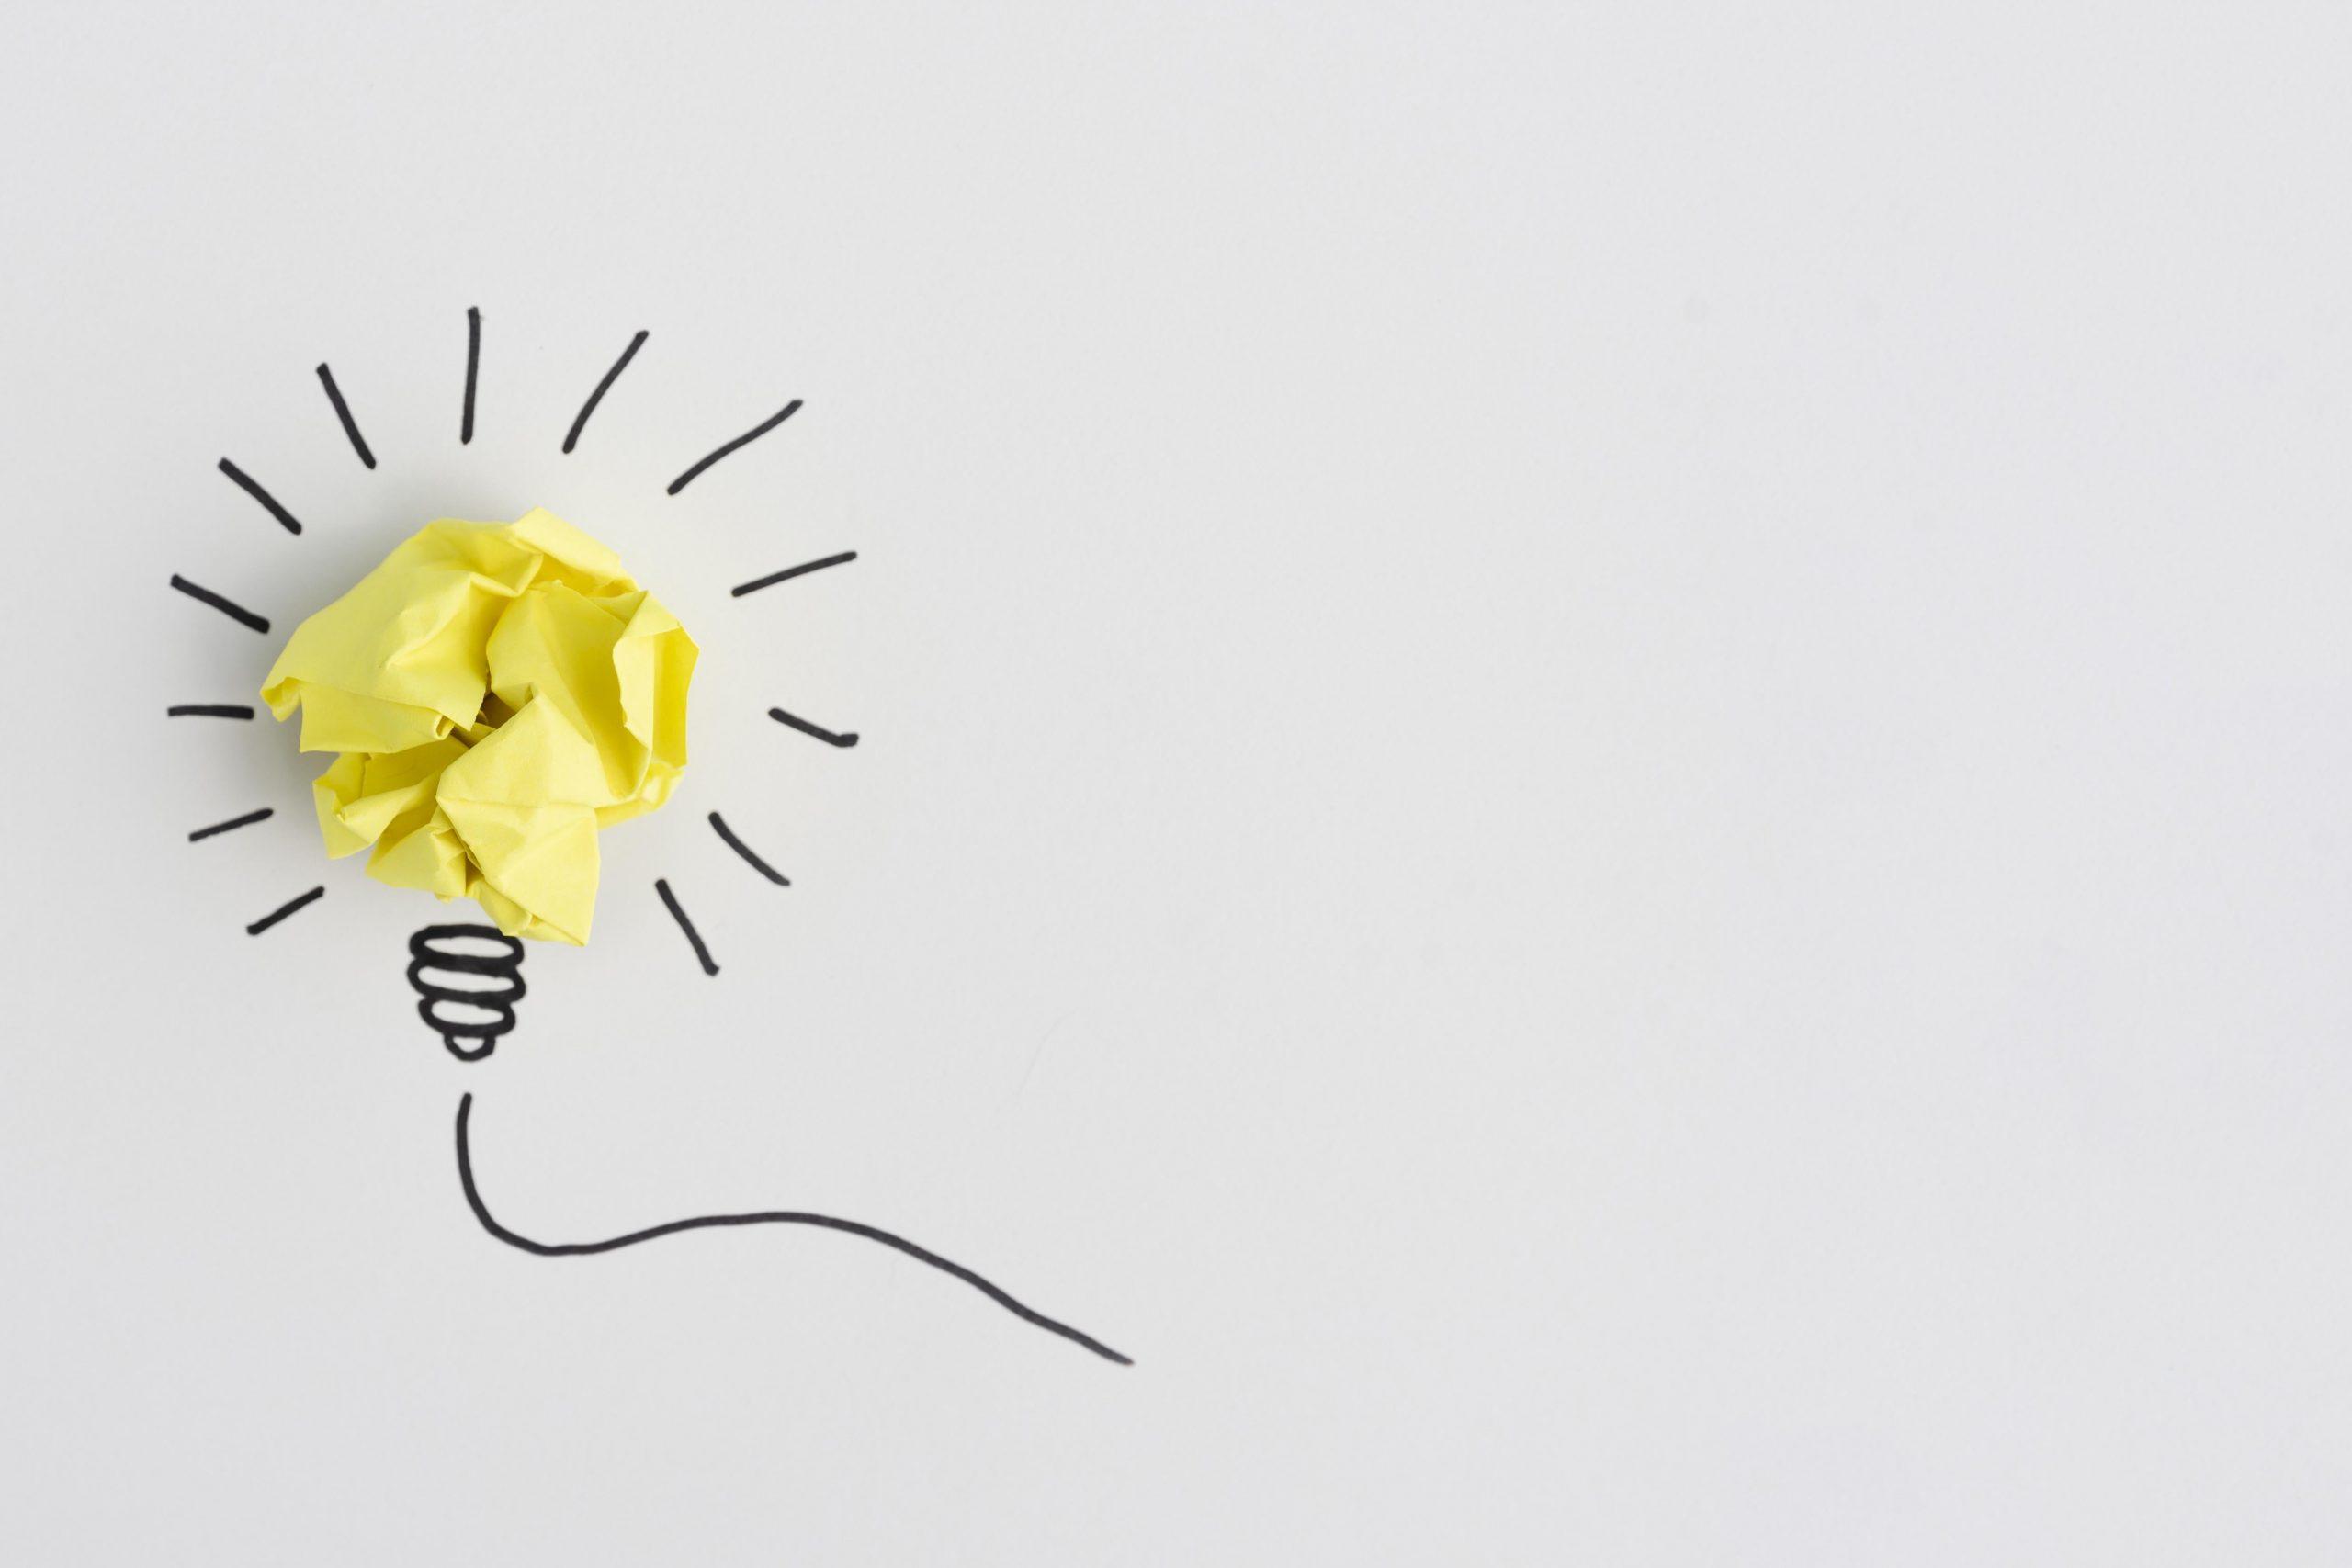 Ferramentas para geração de ideias de conteúdo